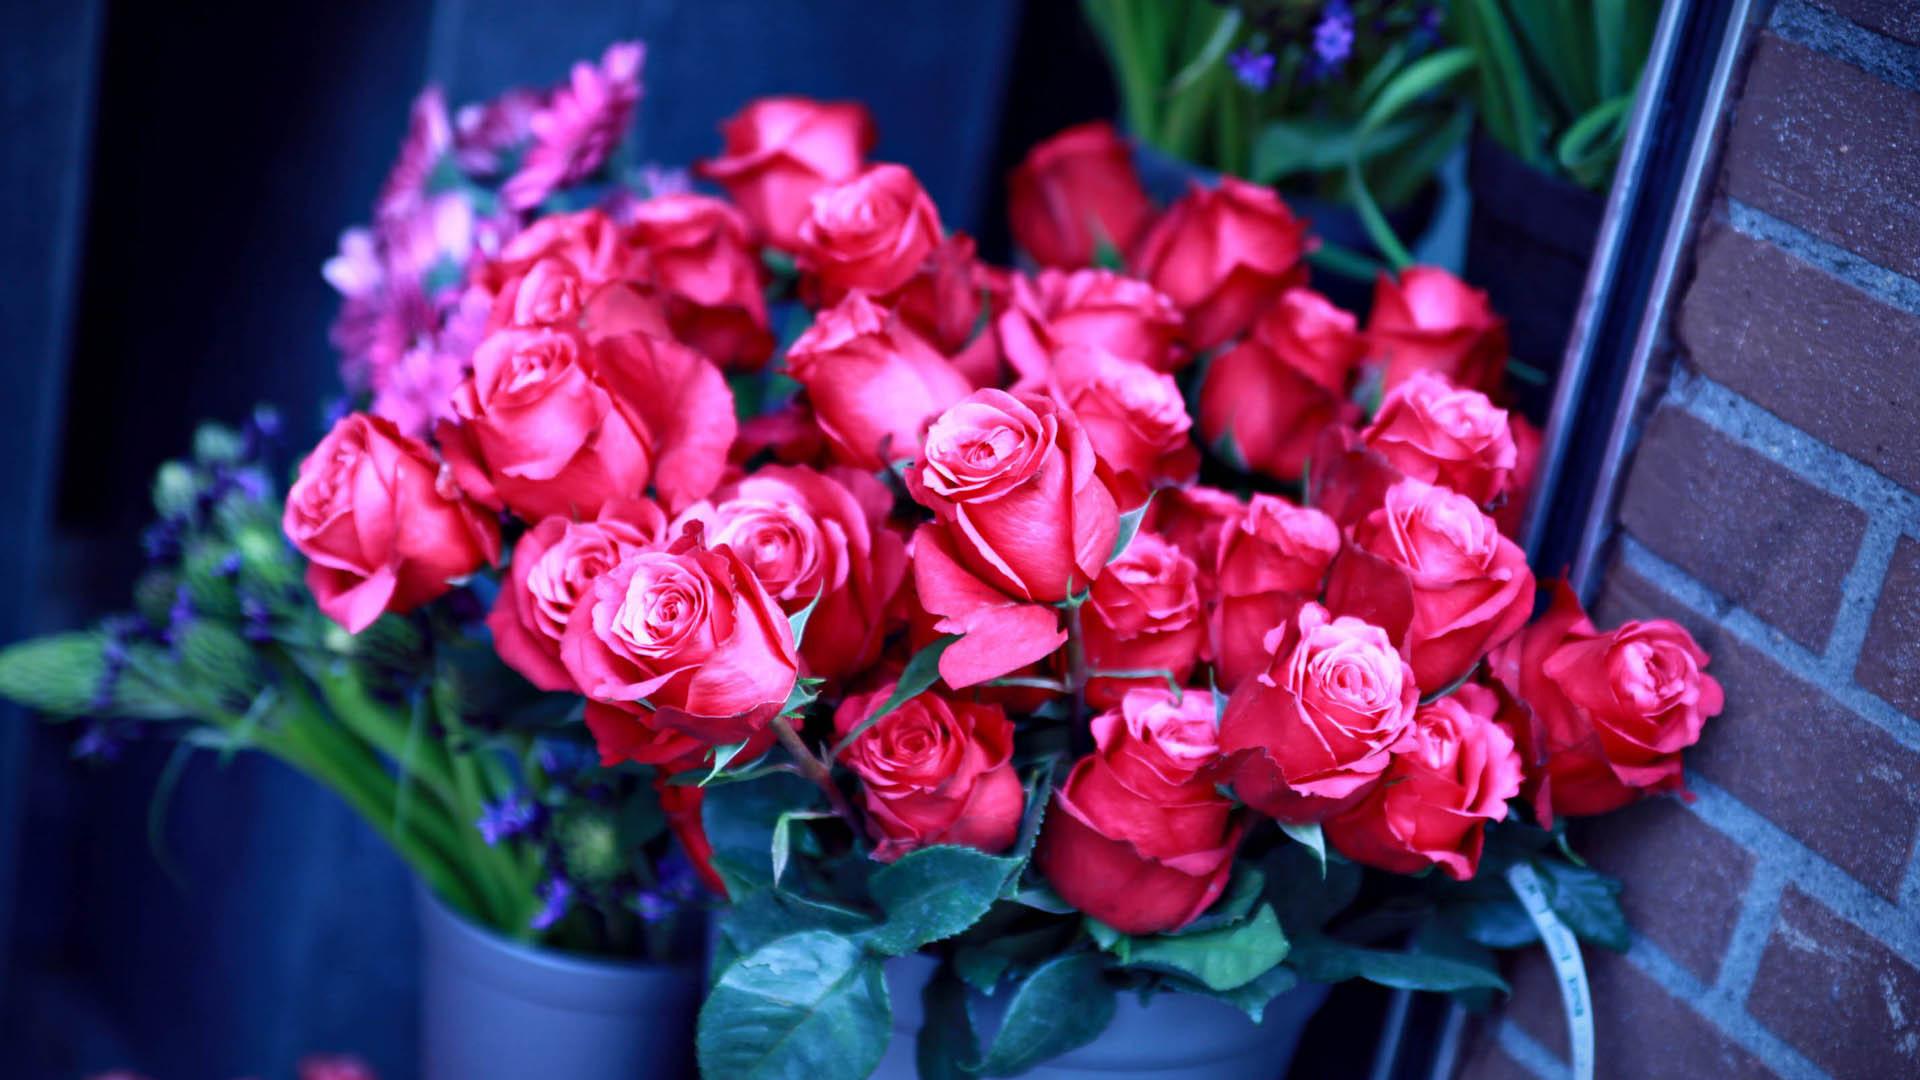 Красивые обои розы на рабочий стол - интересная коллекция 7